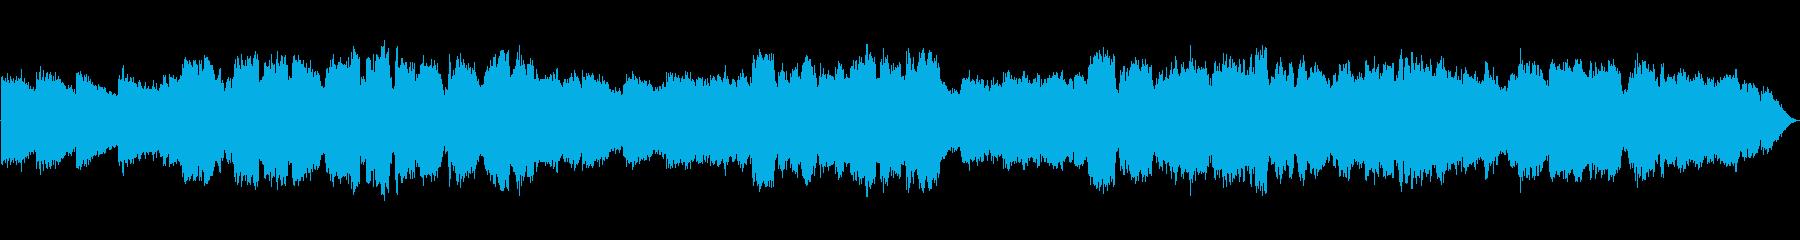 瞑想の笛とシンセサイザーの再生済みの波形